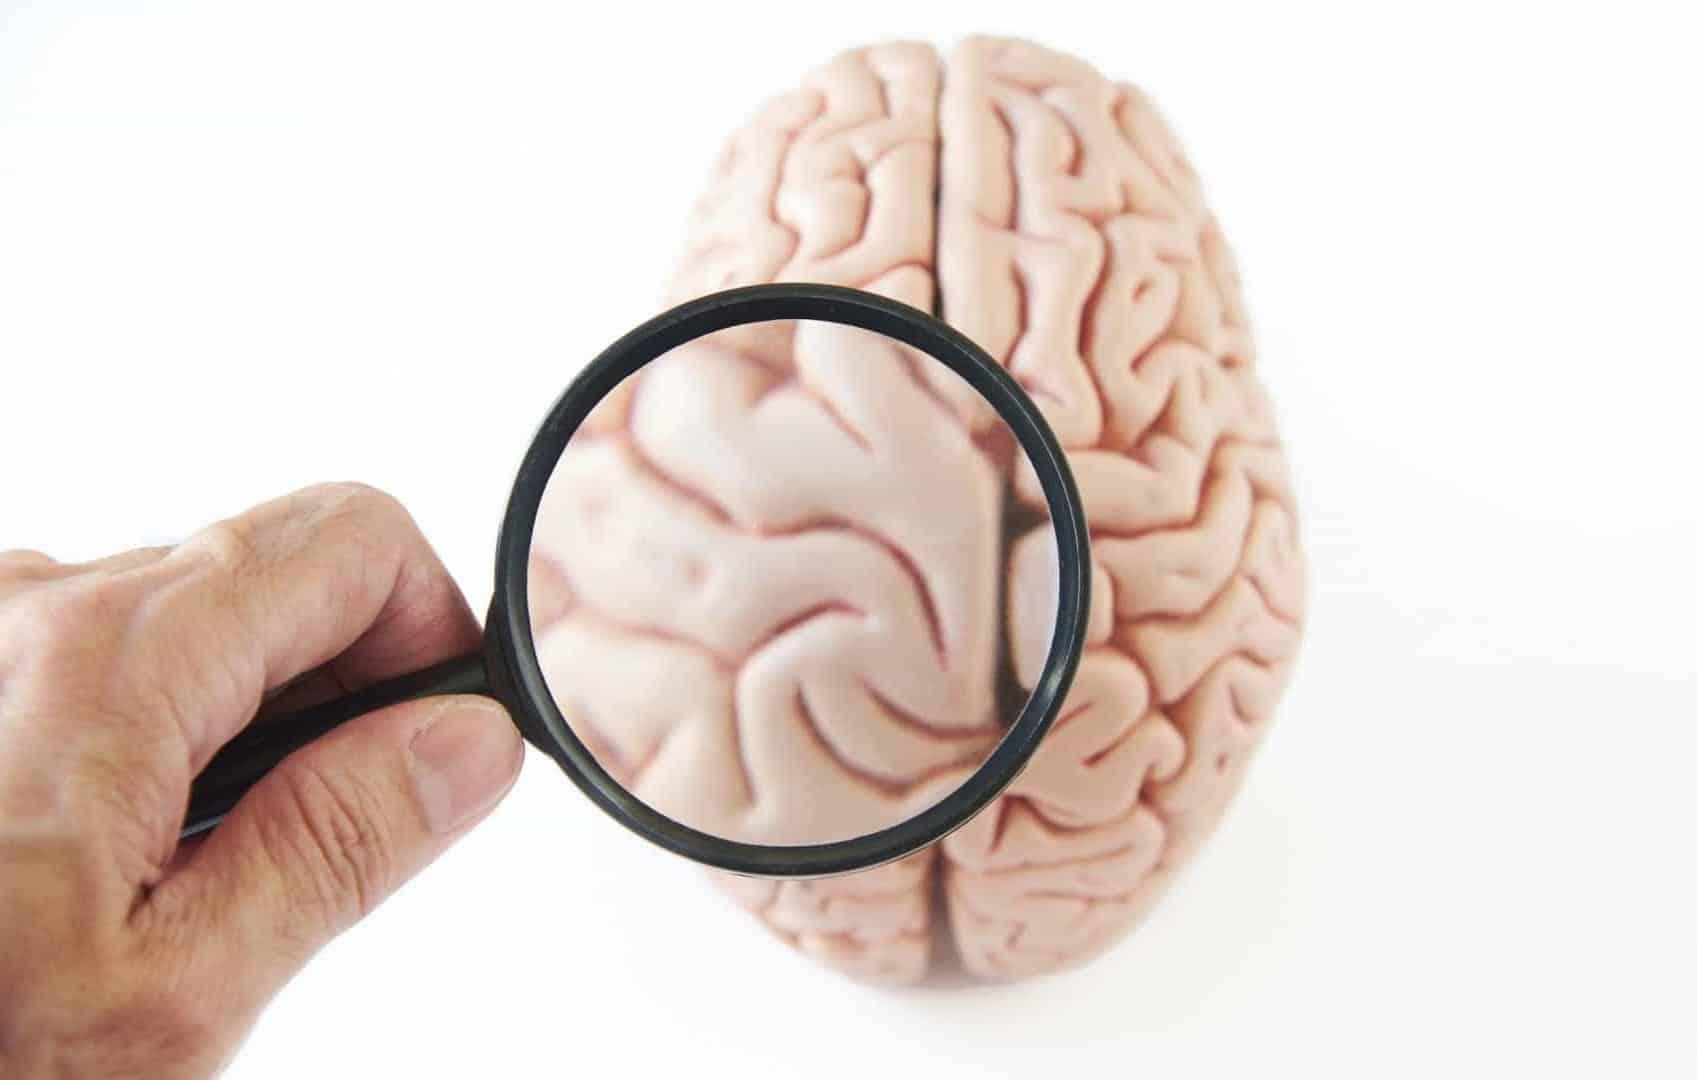 Estímulo no cérebro pode acordar pacientes do coma